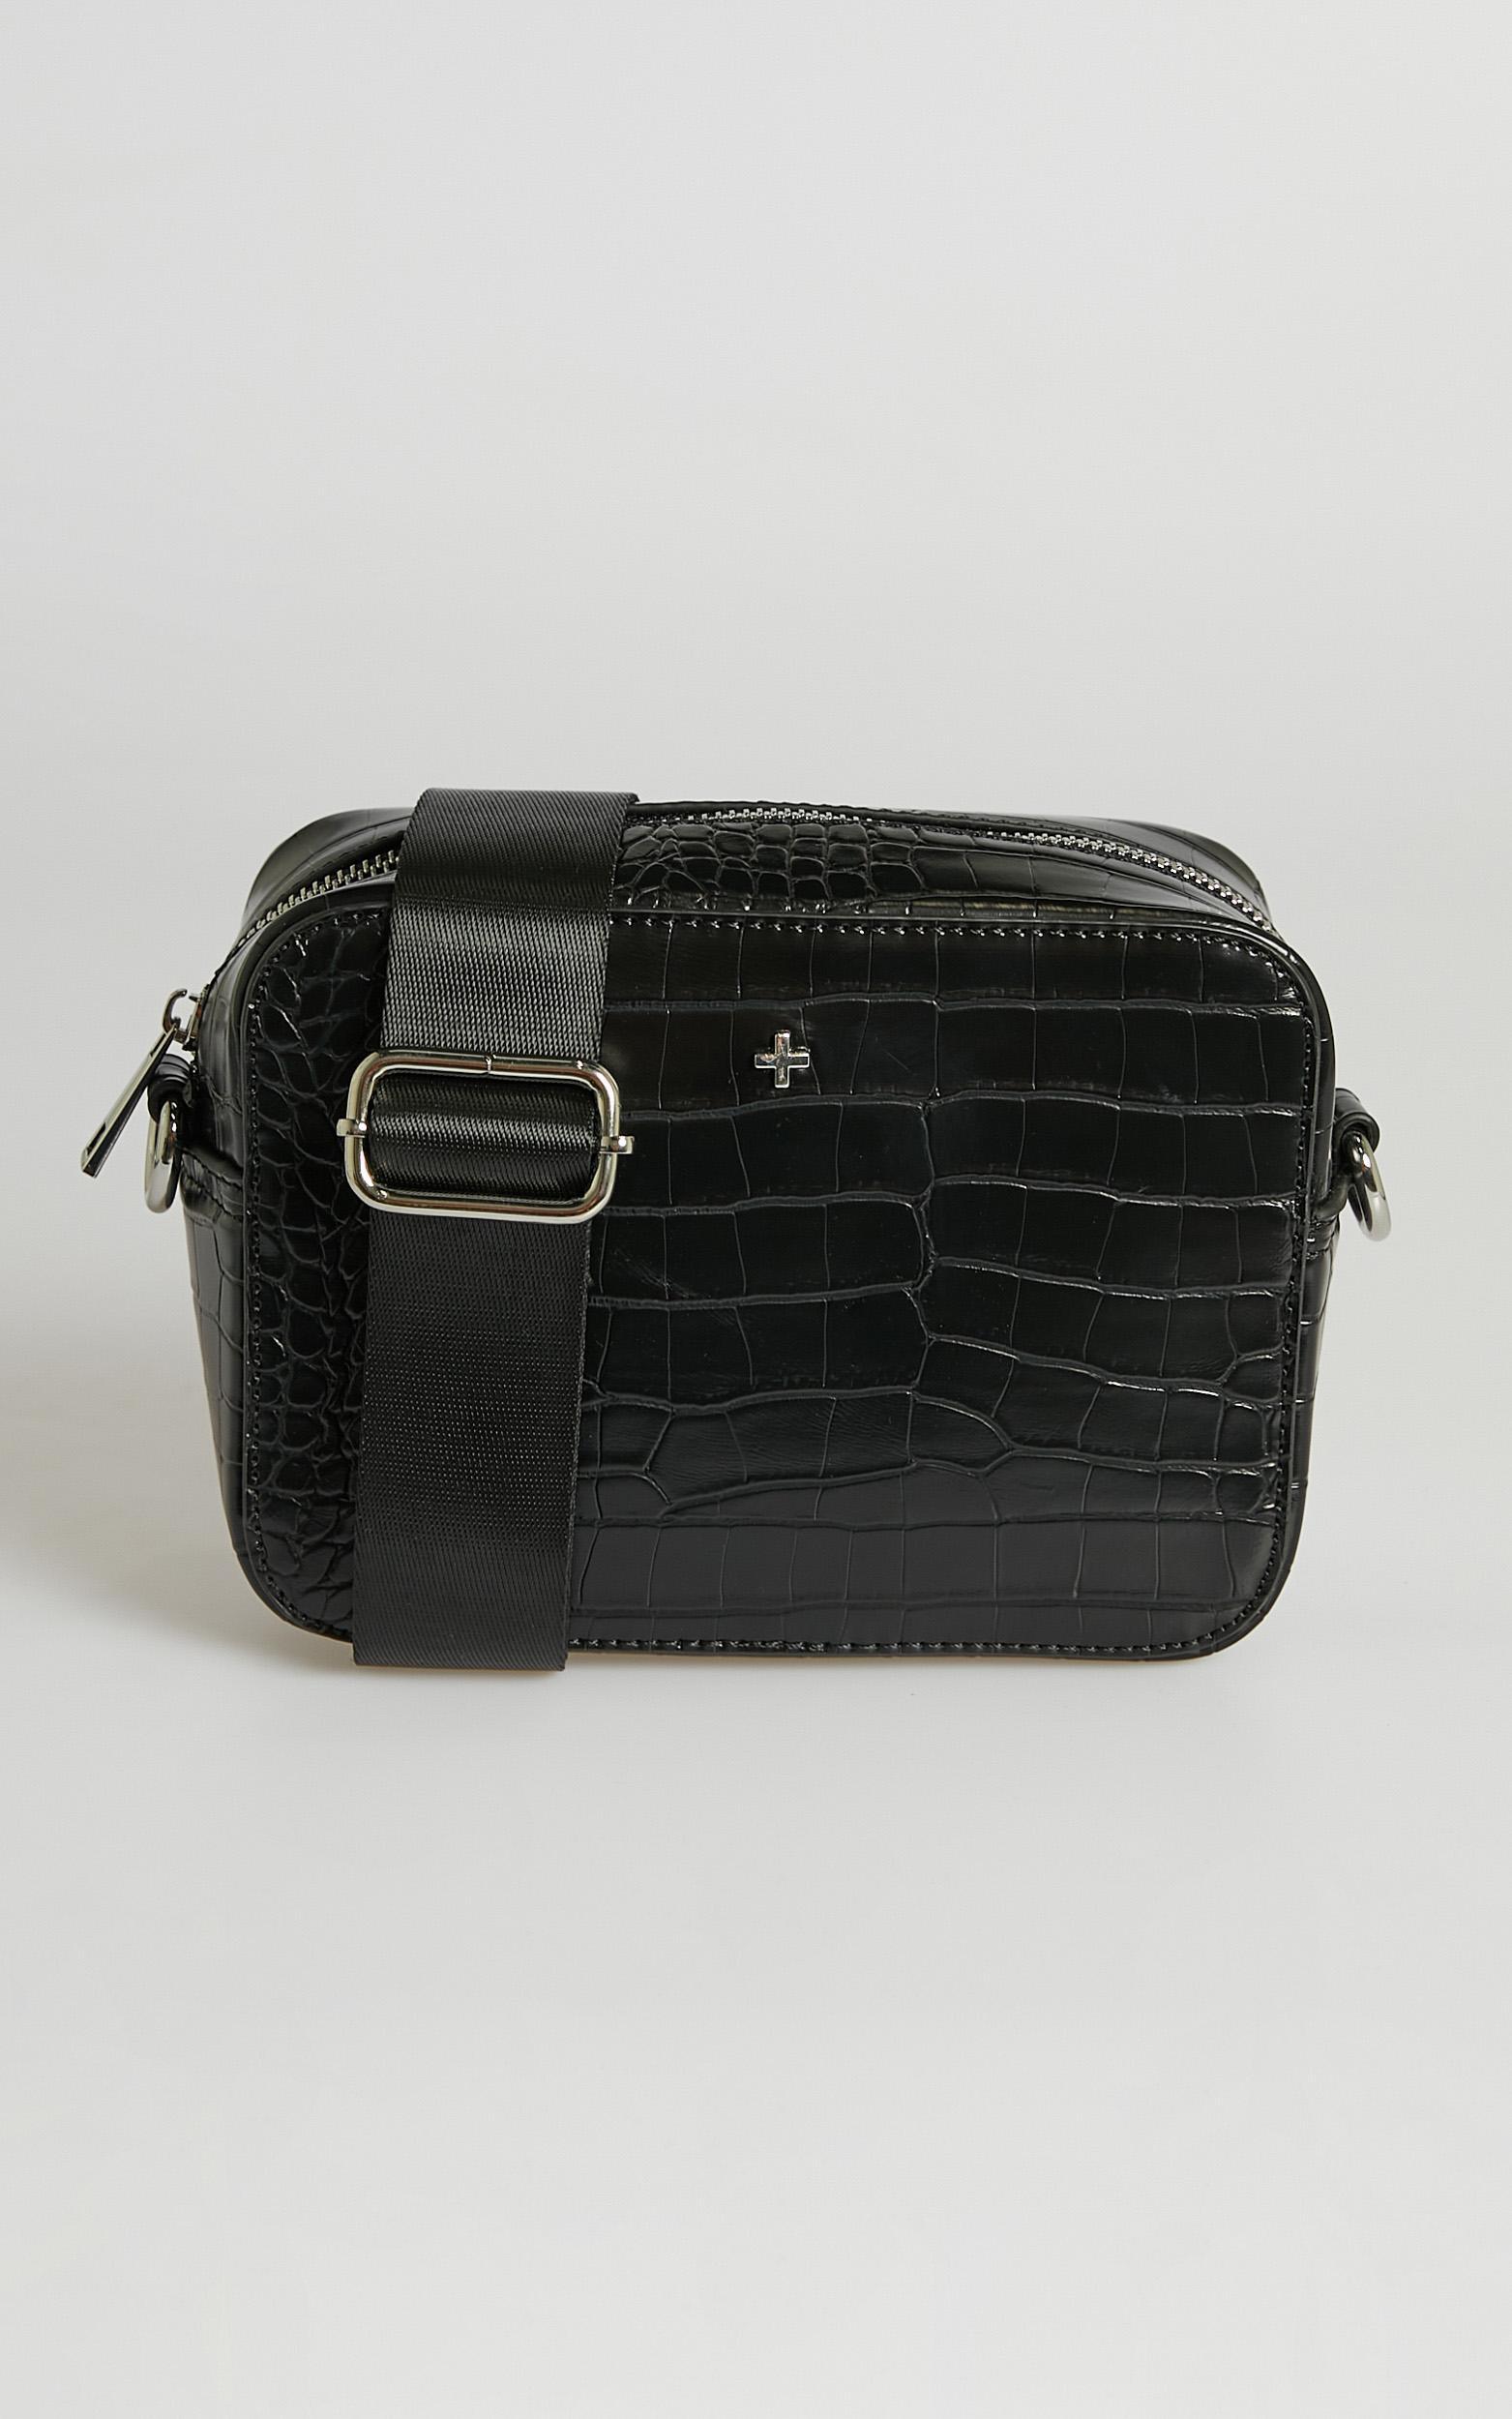 Peta and Jain - Tammy Bag in Black Croc, , hi-res image number null